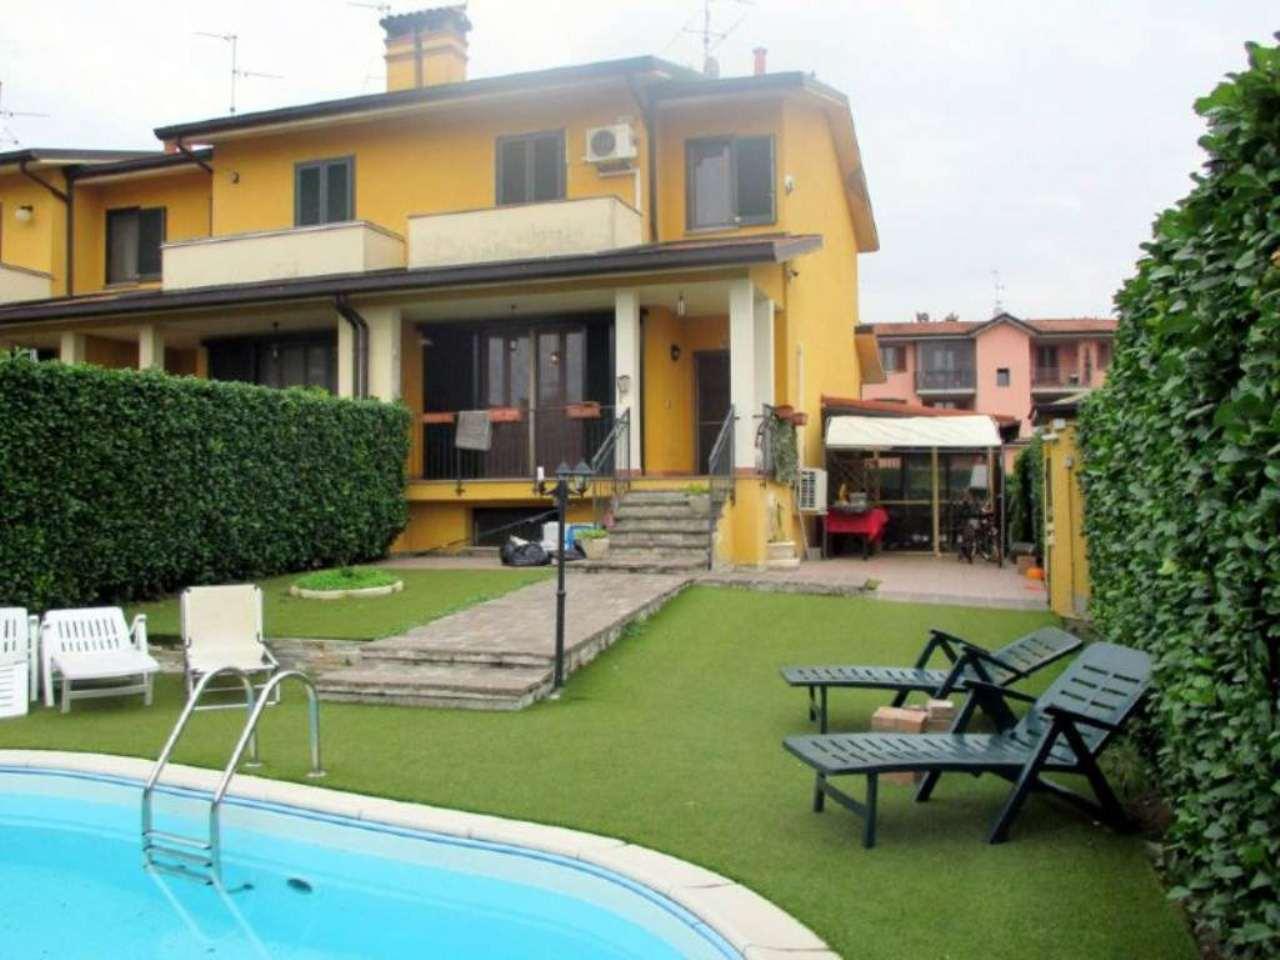 Villa a Schiera in vendita a Torre d'Arese, 4 locali, prezzo € 190.000 | CambioCasa.it